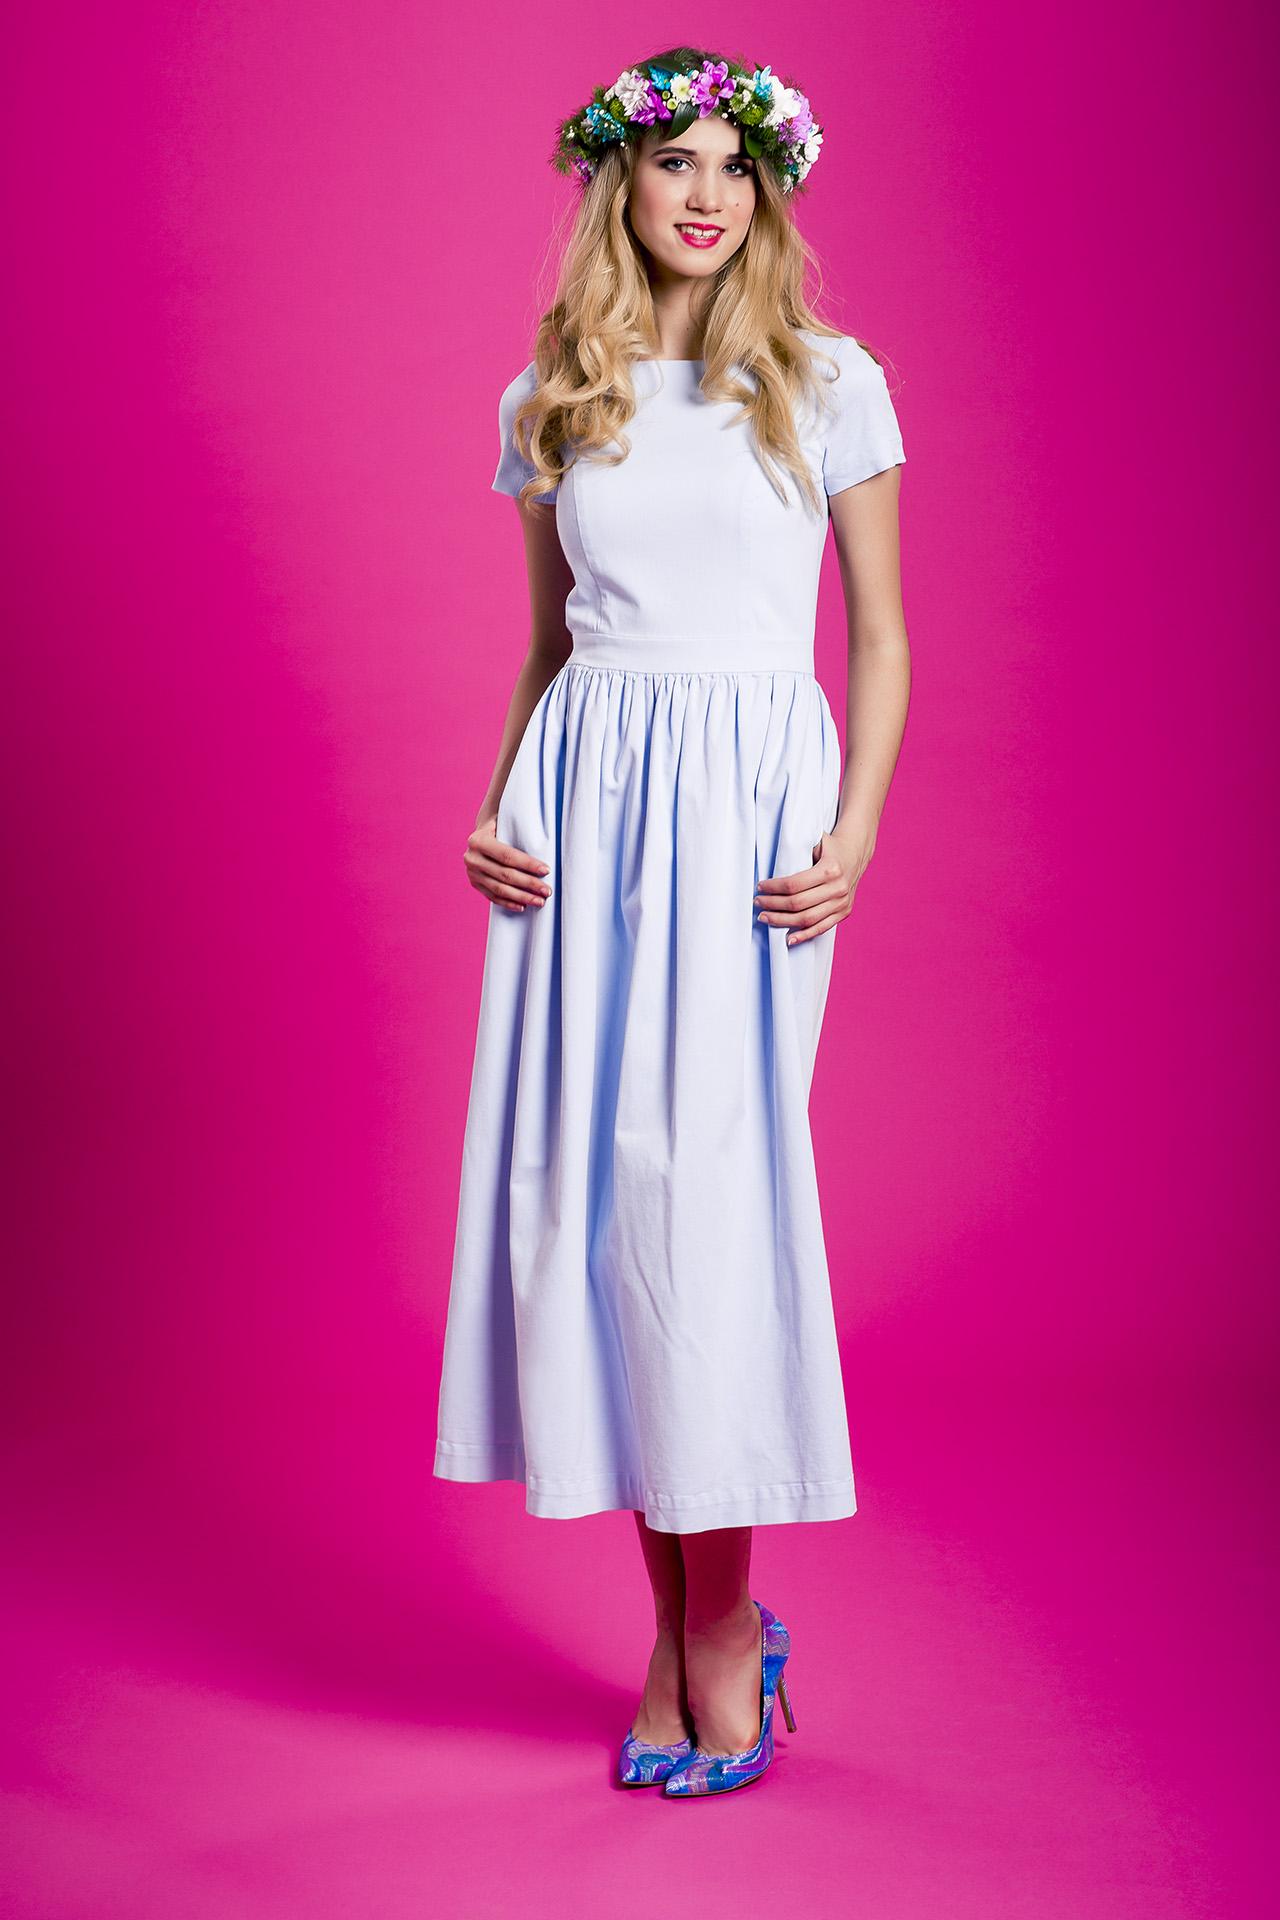 196de6bce1 Błękitna rozkloszowana sukienka Baby Blue maxi by Swing SWING ...